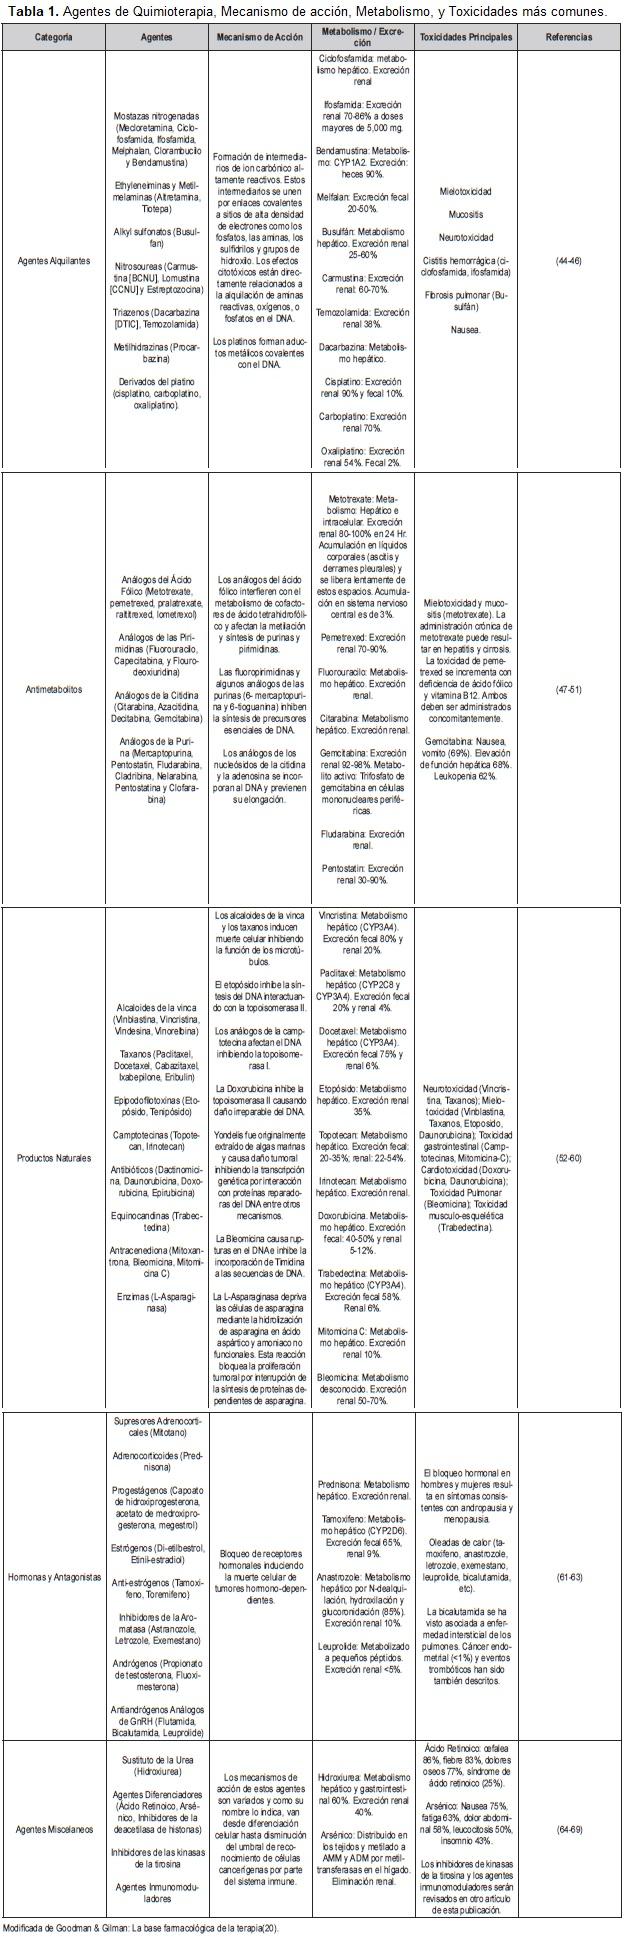 Agentes de Quimioterapia, Mecanismo de acción, Metabolismo, y Toxicidades más comunes.